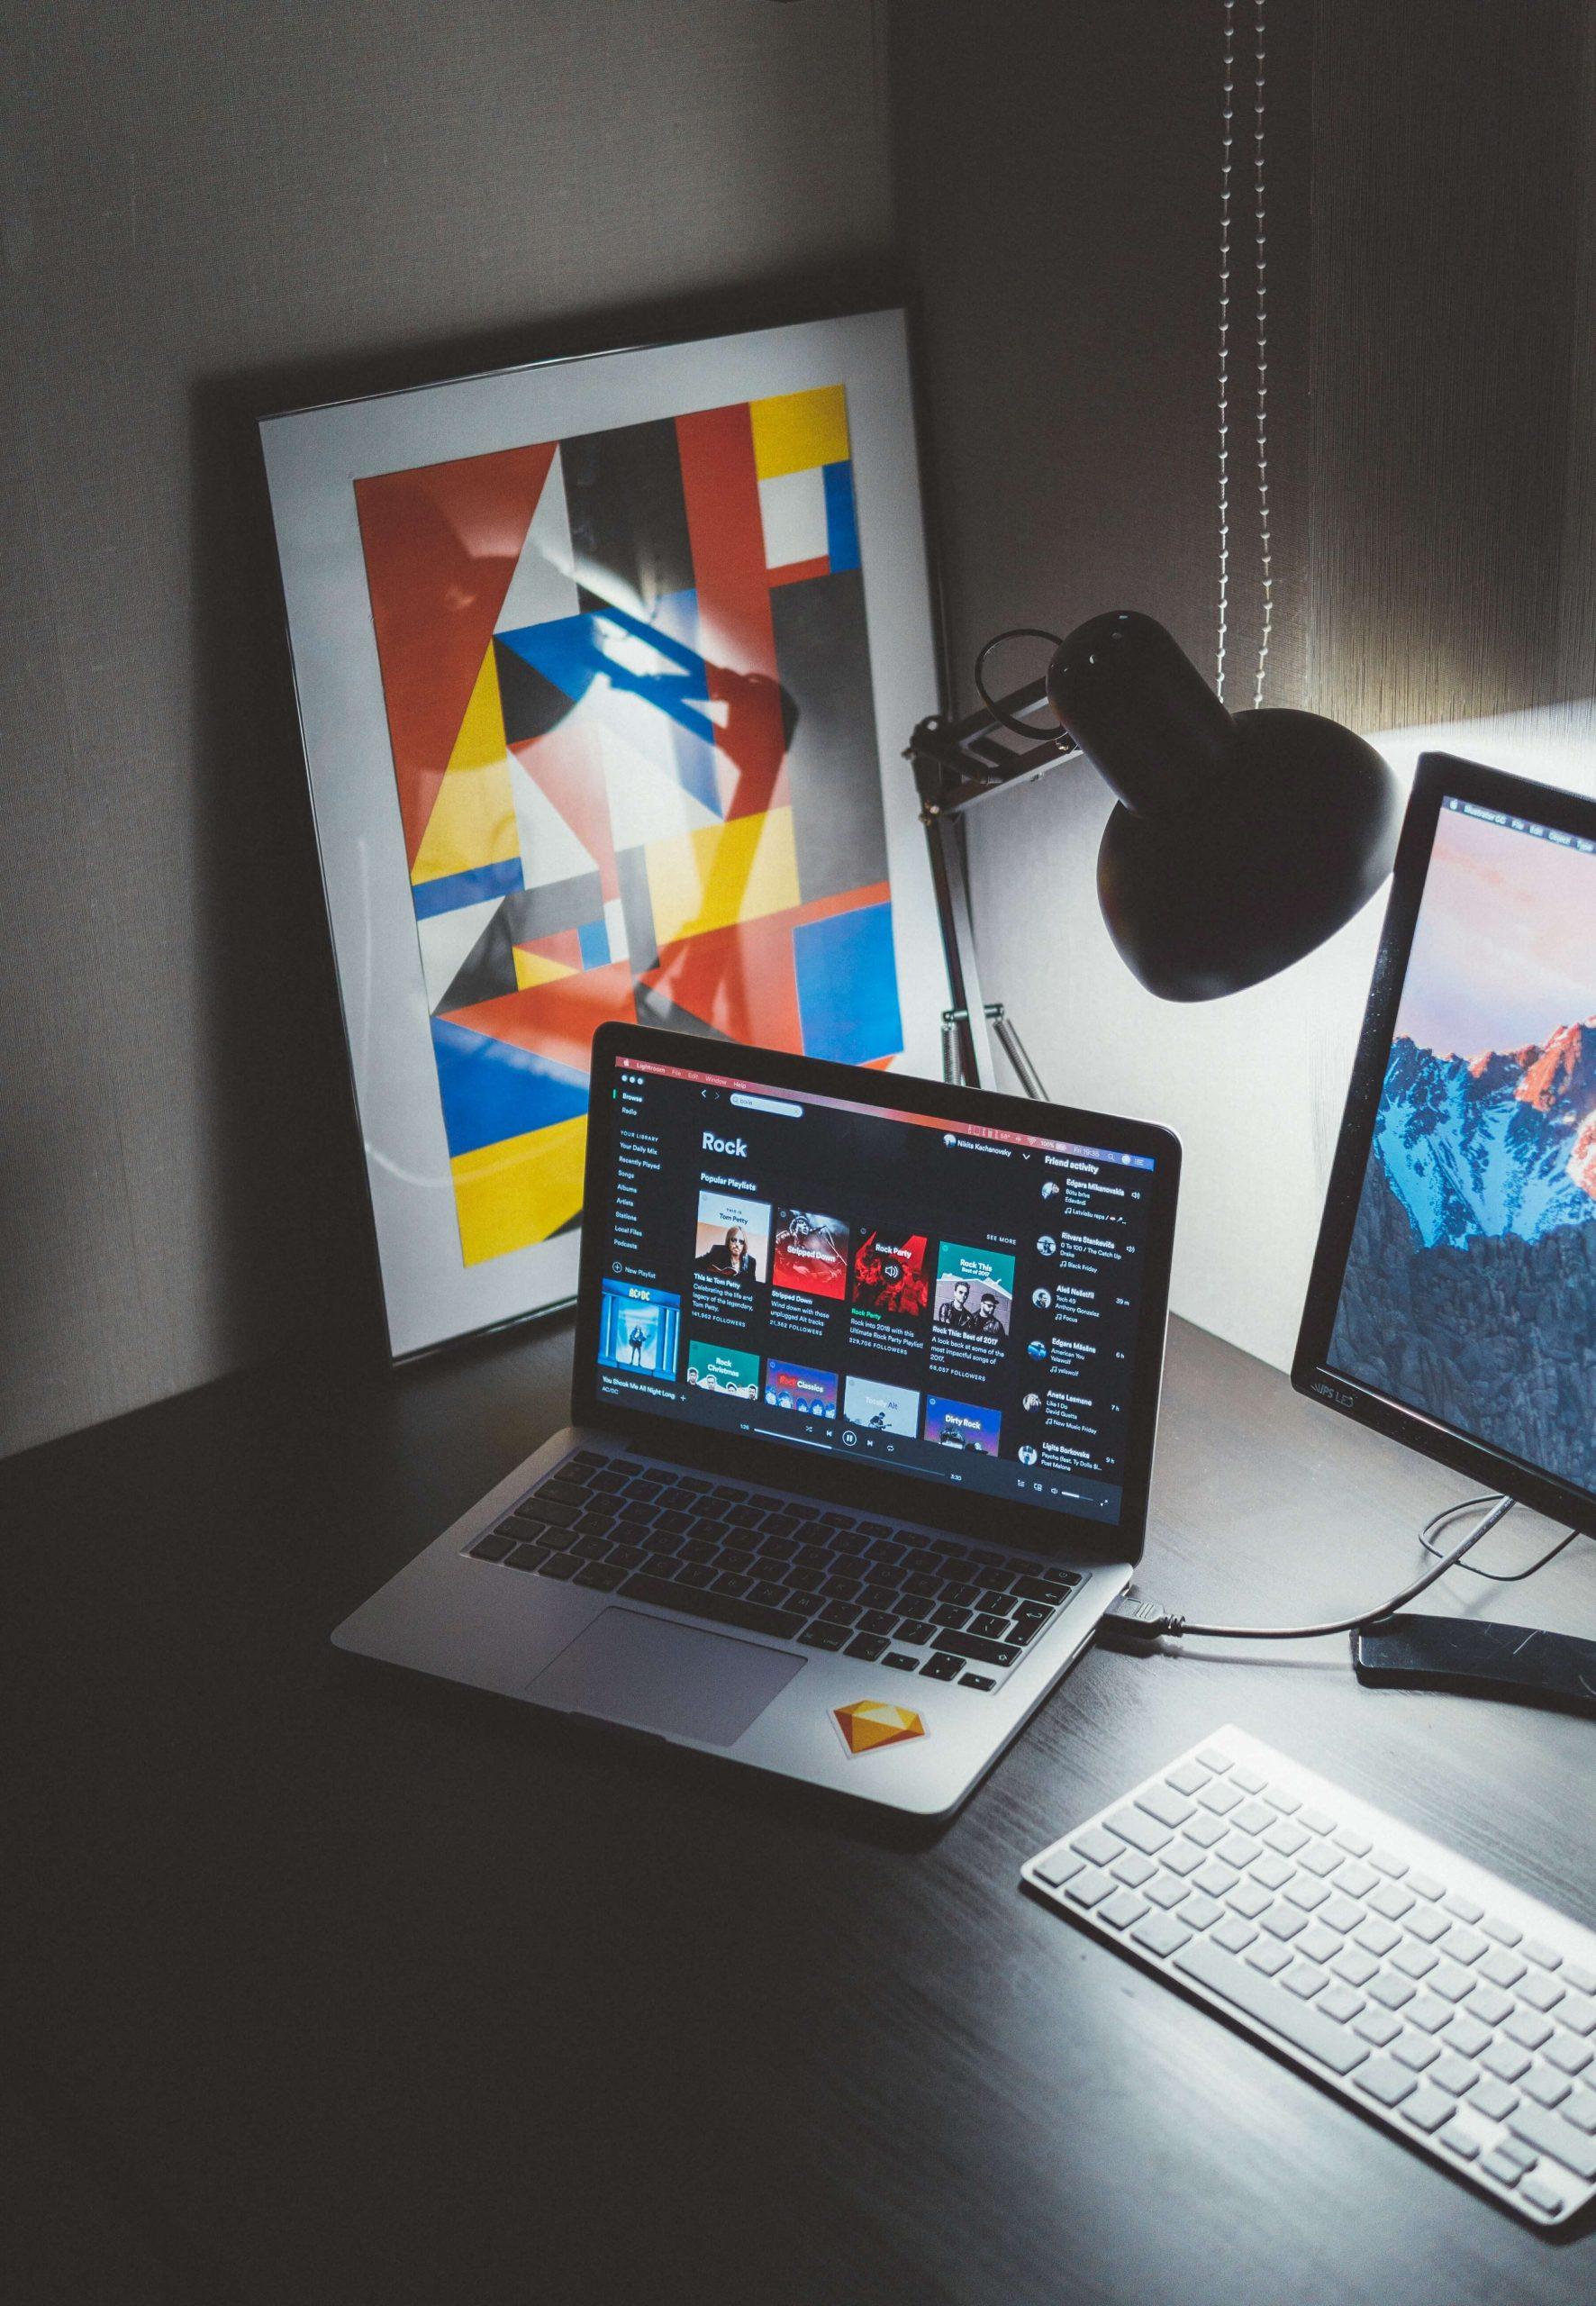 Design grafica, Elemnte de design grafic precum: Logo, cărți de vizită, materiale promoțional, cataloage, bannere, cover rețele sociale, elemente grafice, newsletter, etc.